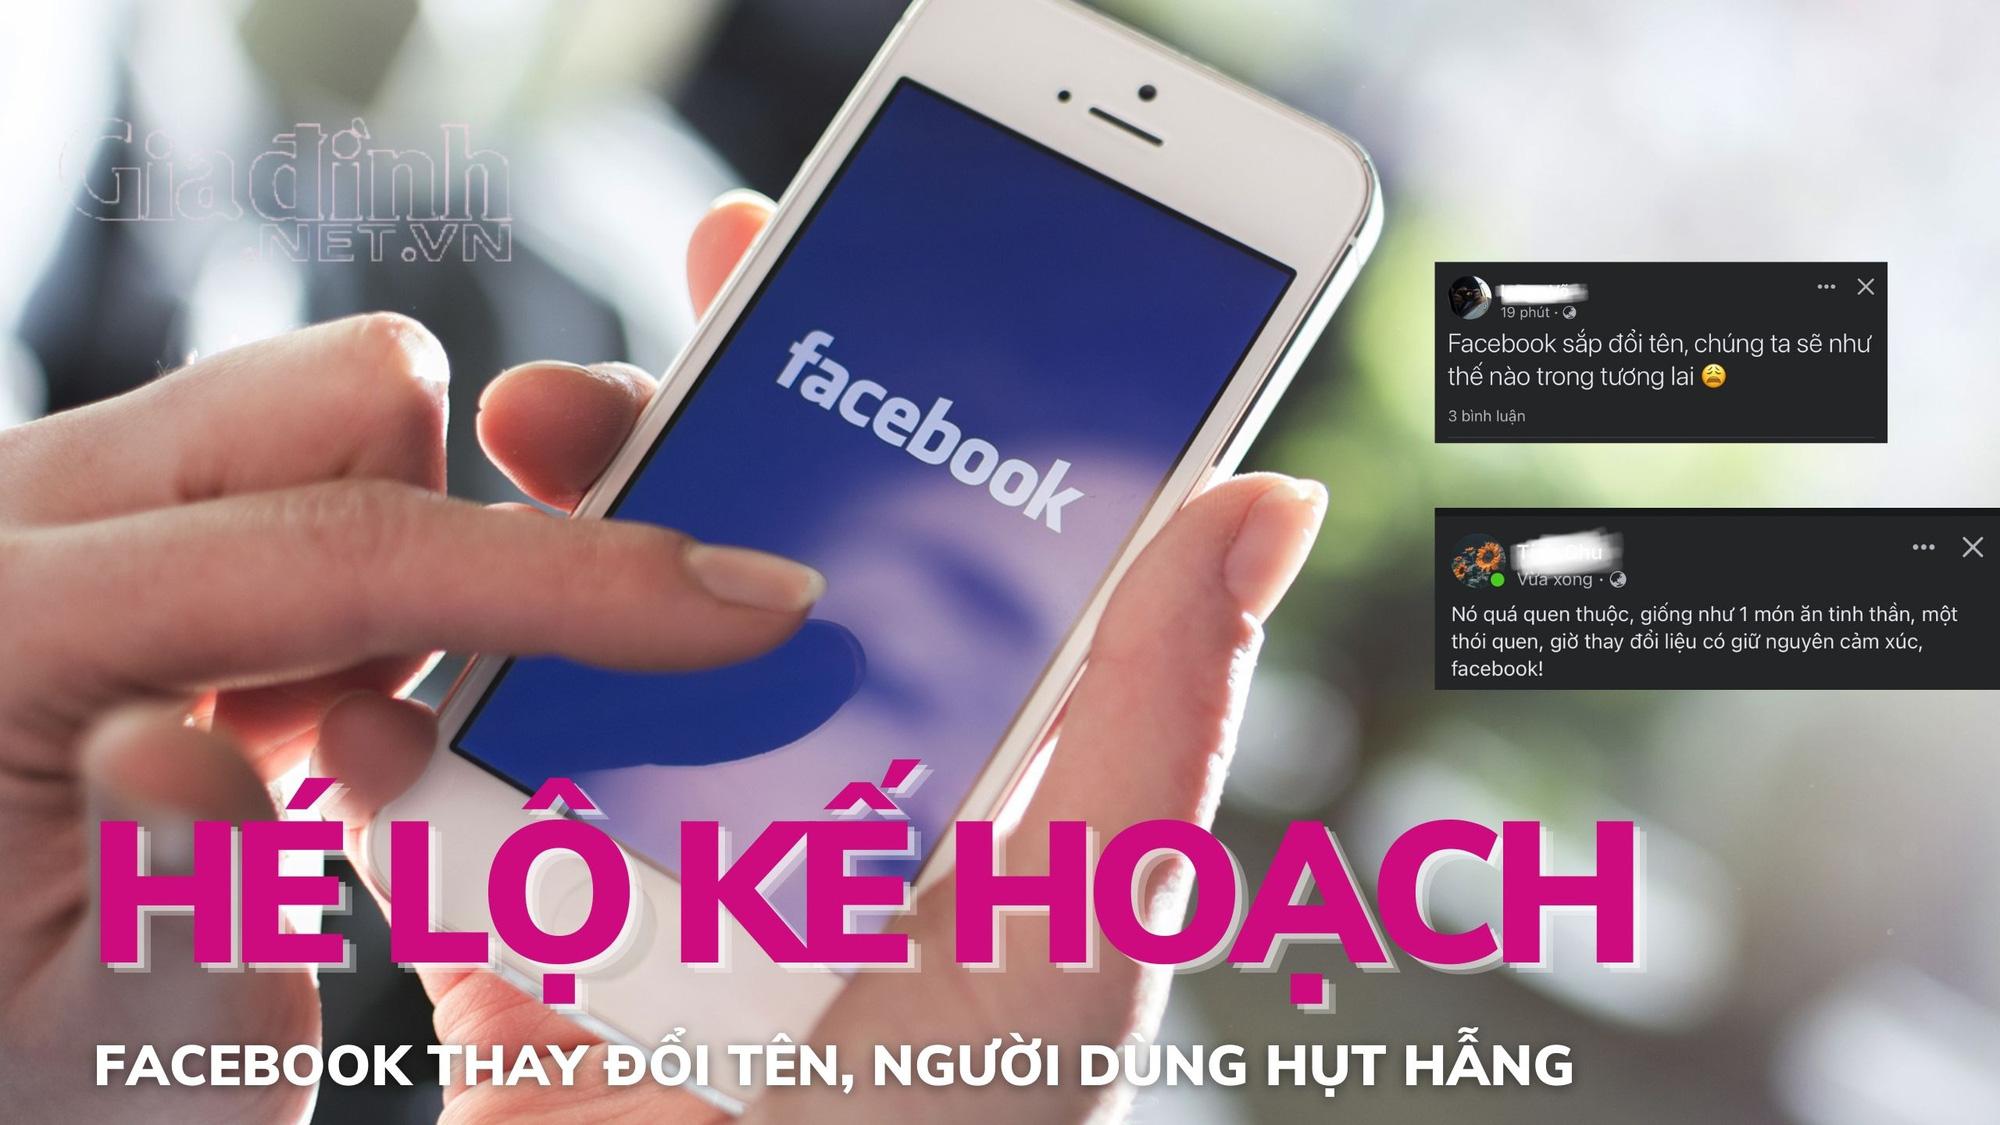 Hé lộ: Facebook sắp thay đổi tên, người dùng hụt hẫng